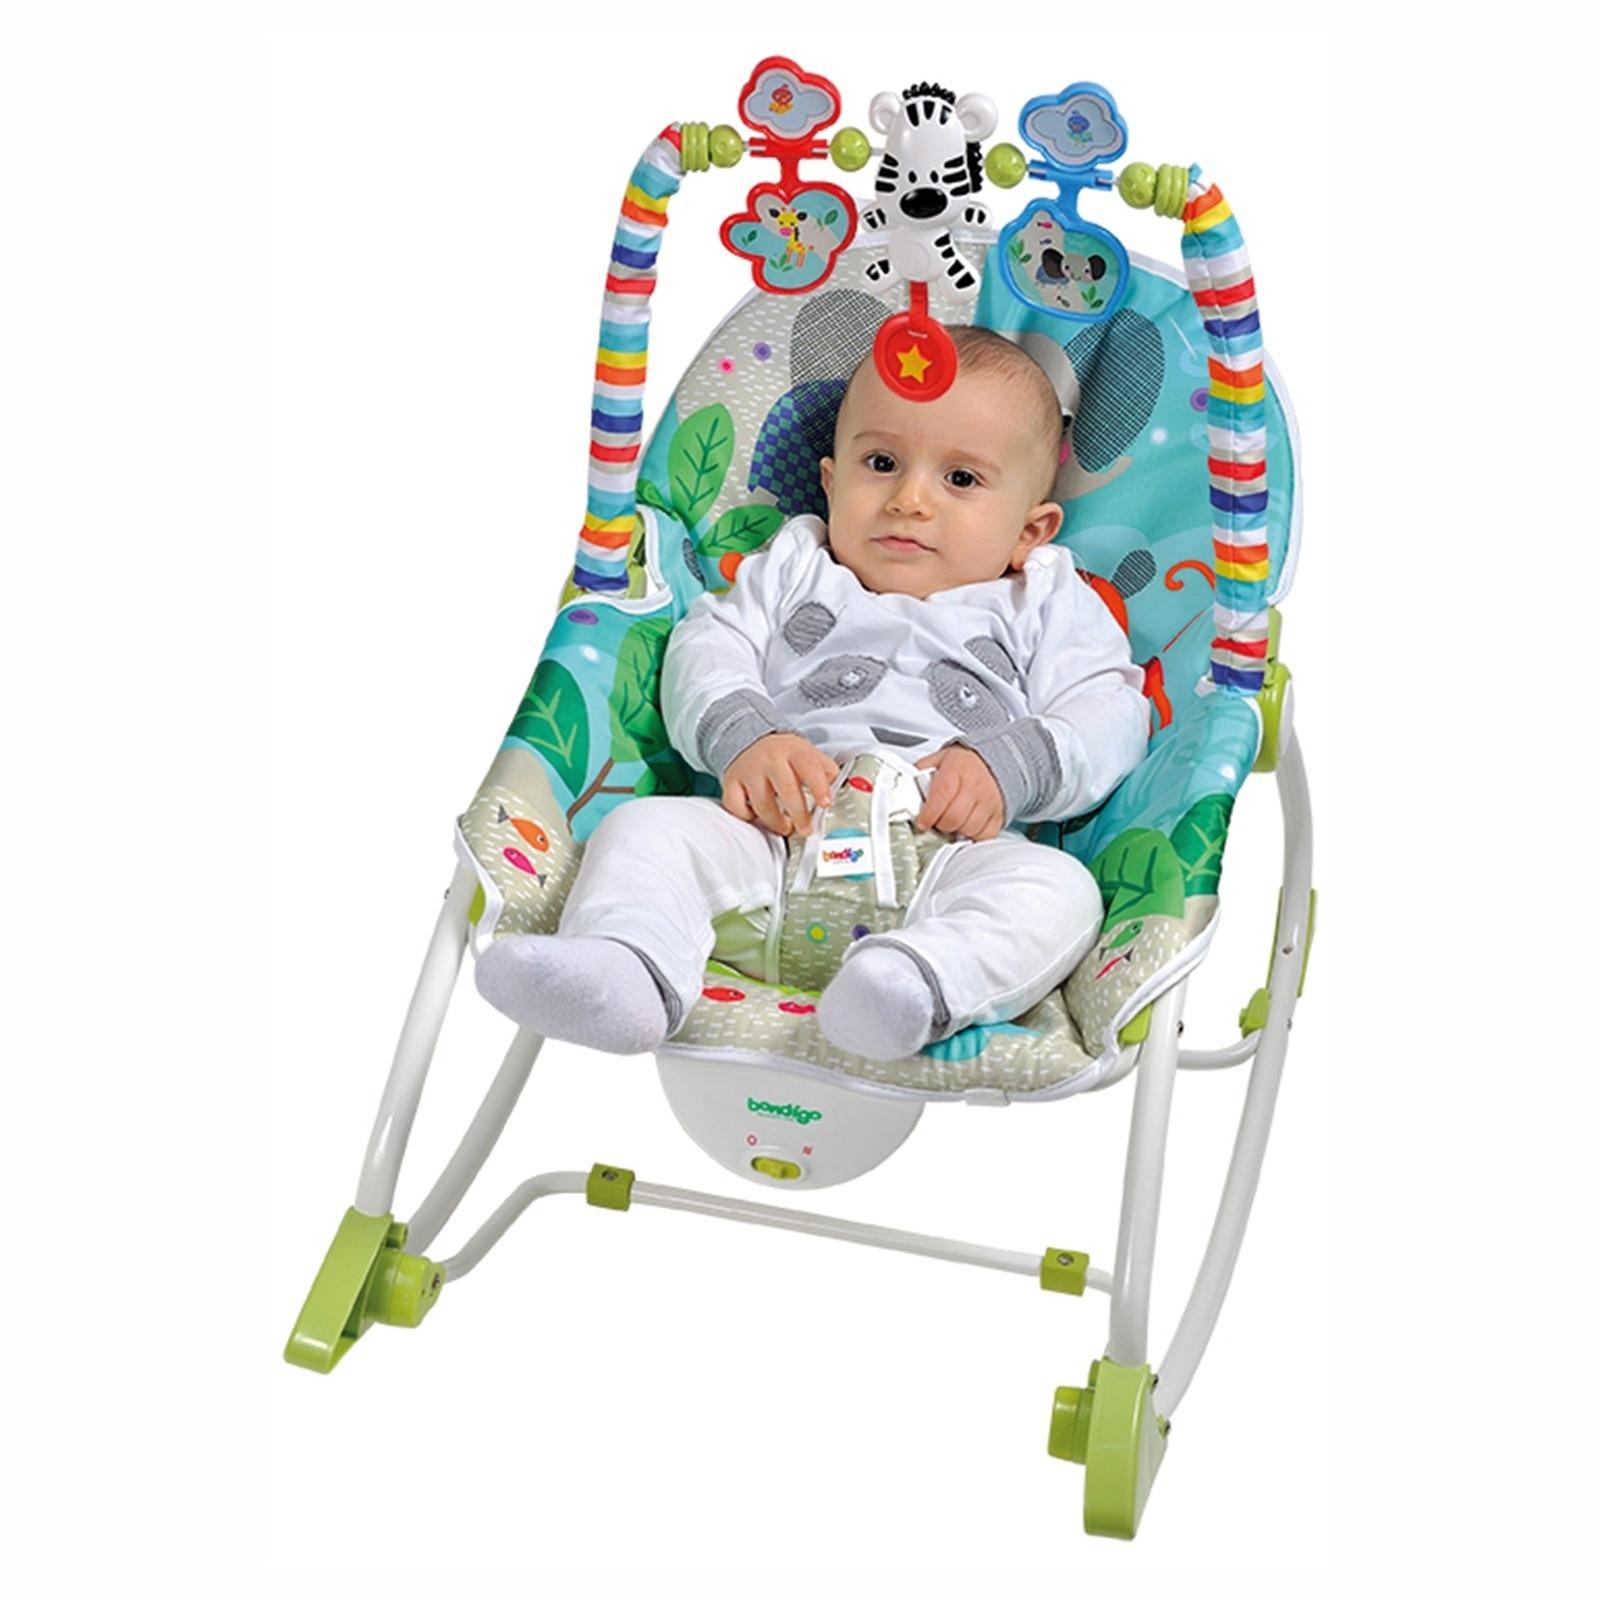 Ebebek Bondigo BL7110 Baby Bouncer Chair